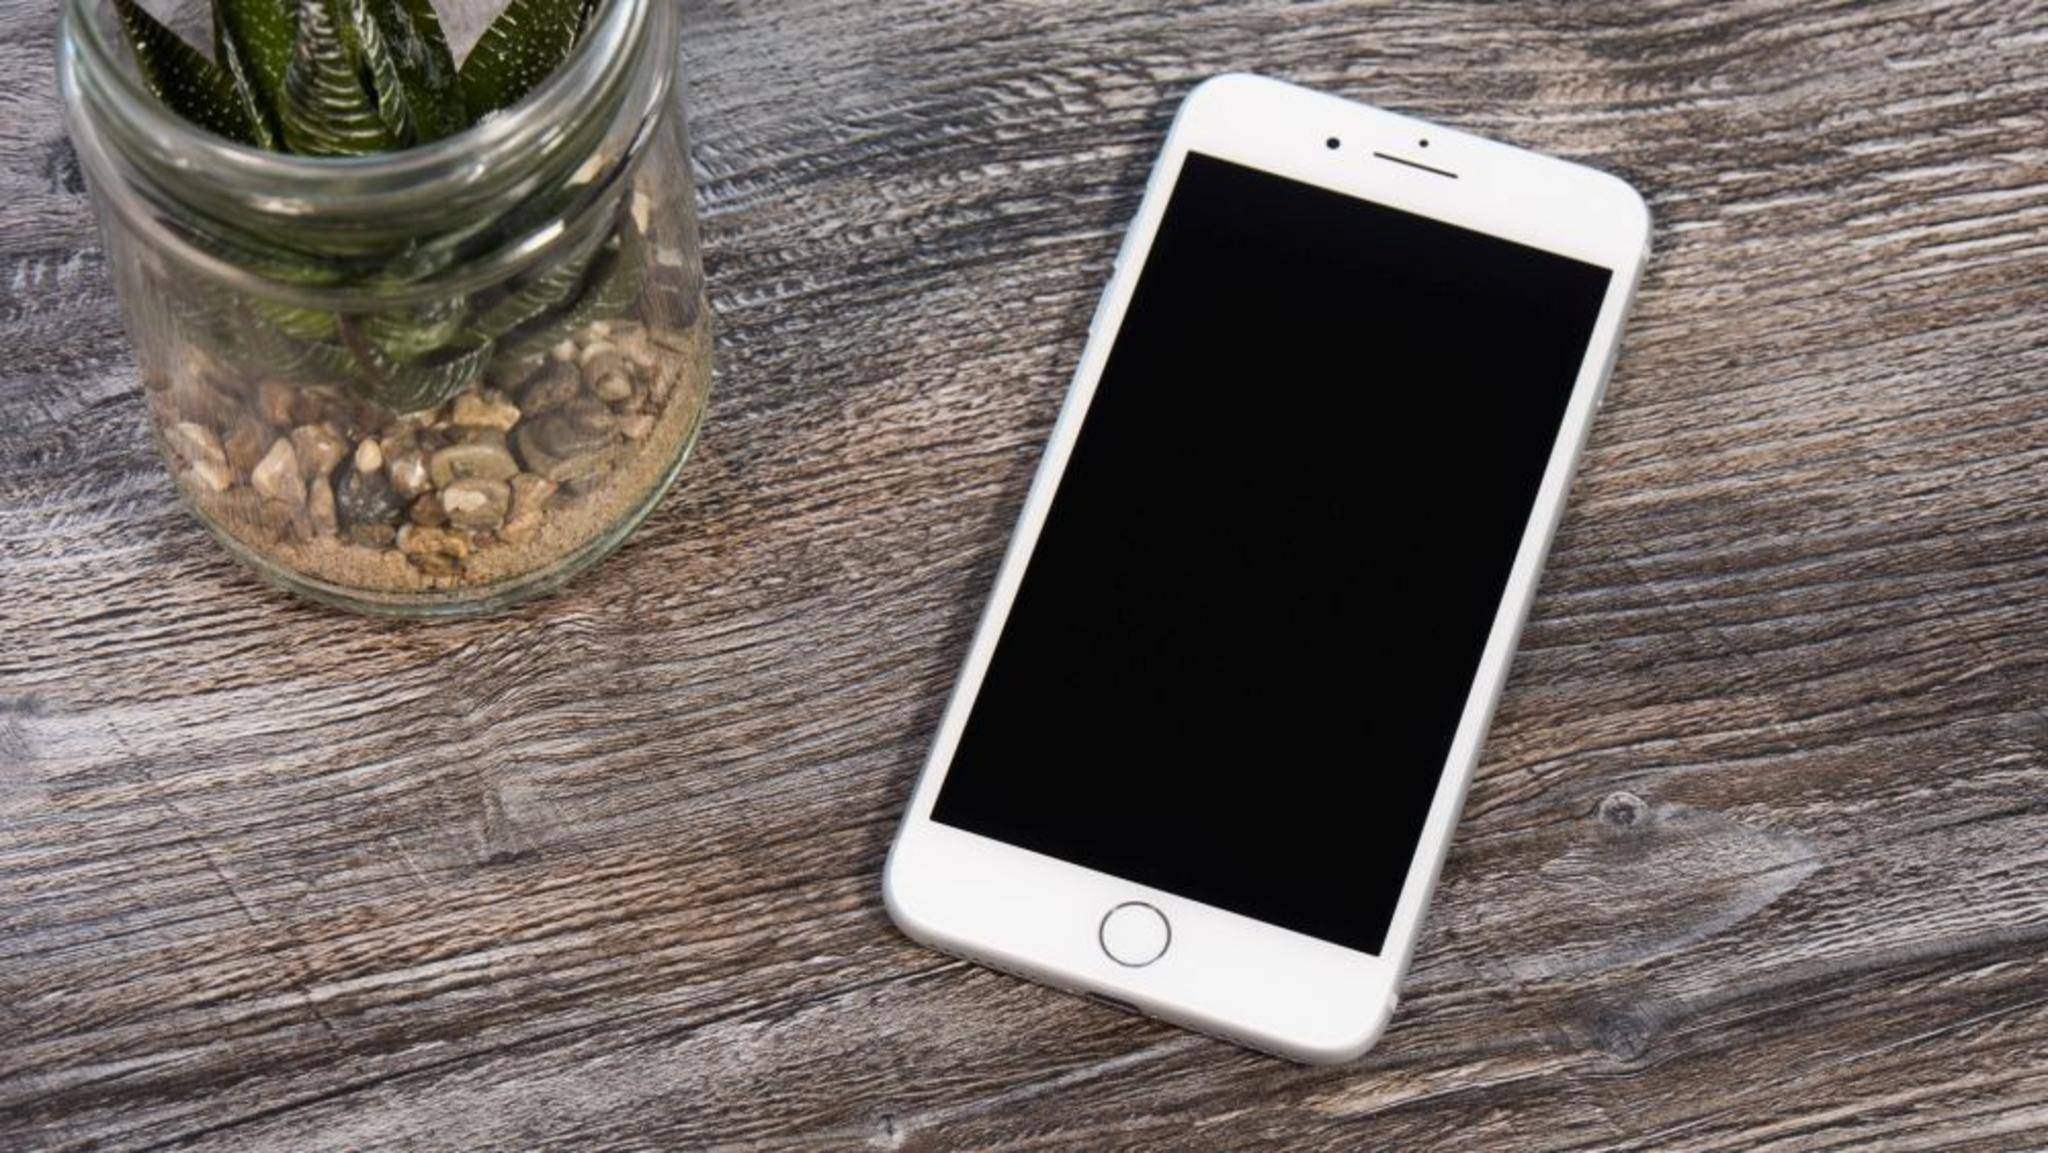 Exakt genauso groß wie das iPhone 6s, aber 4 Gramm leichter.